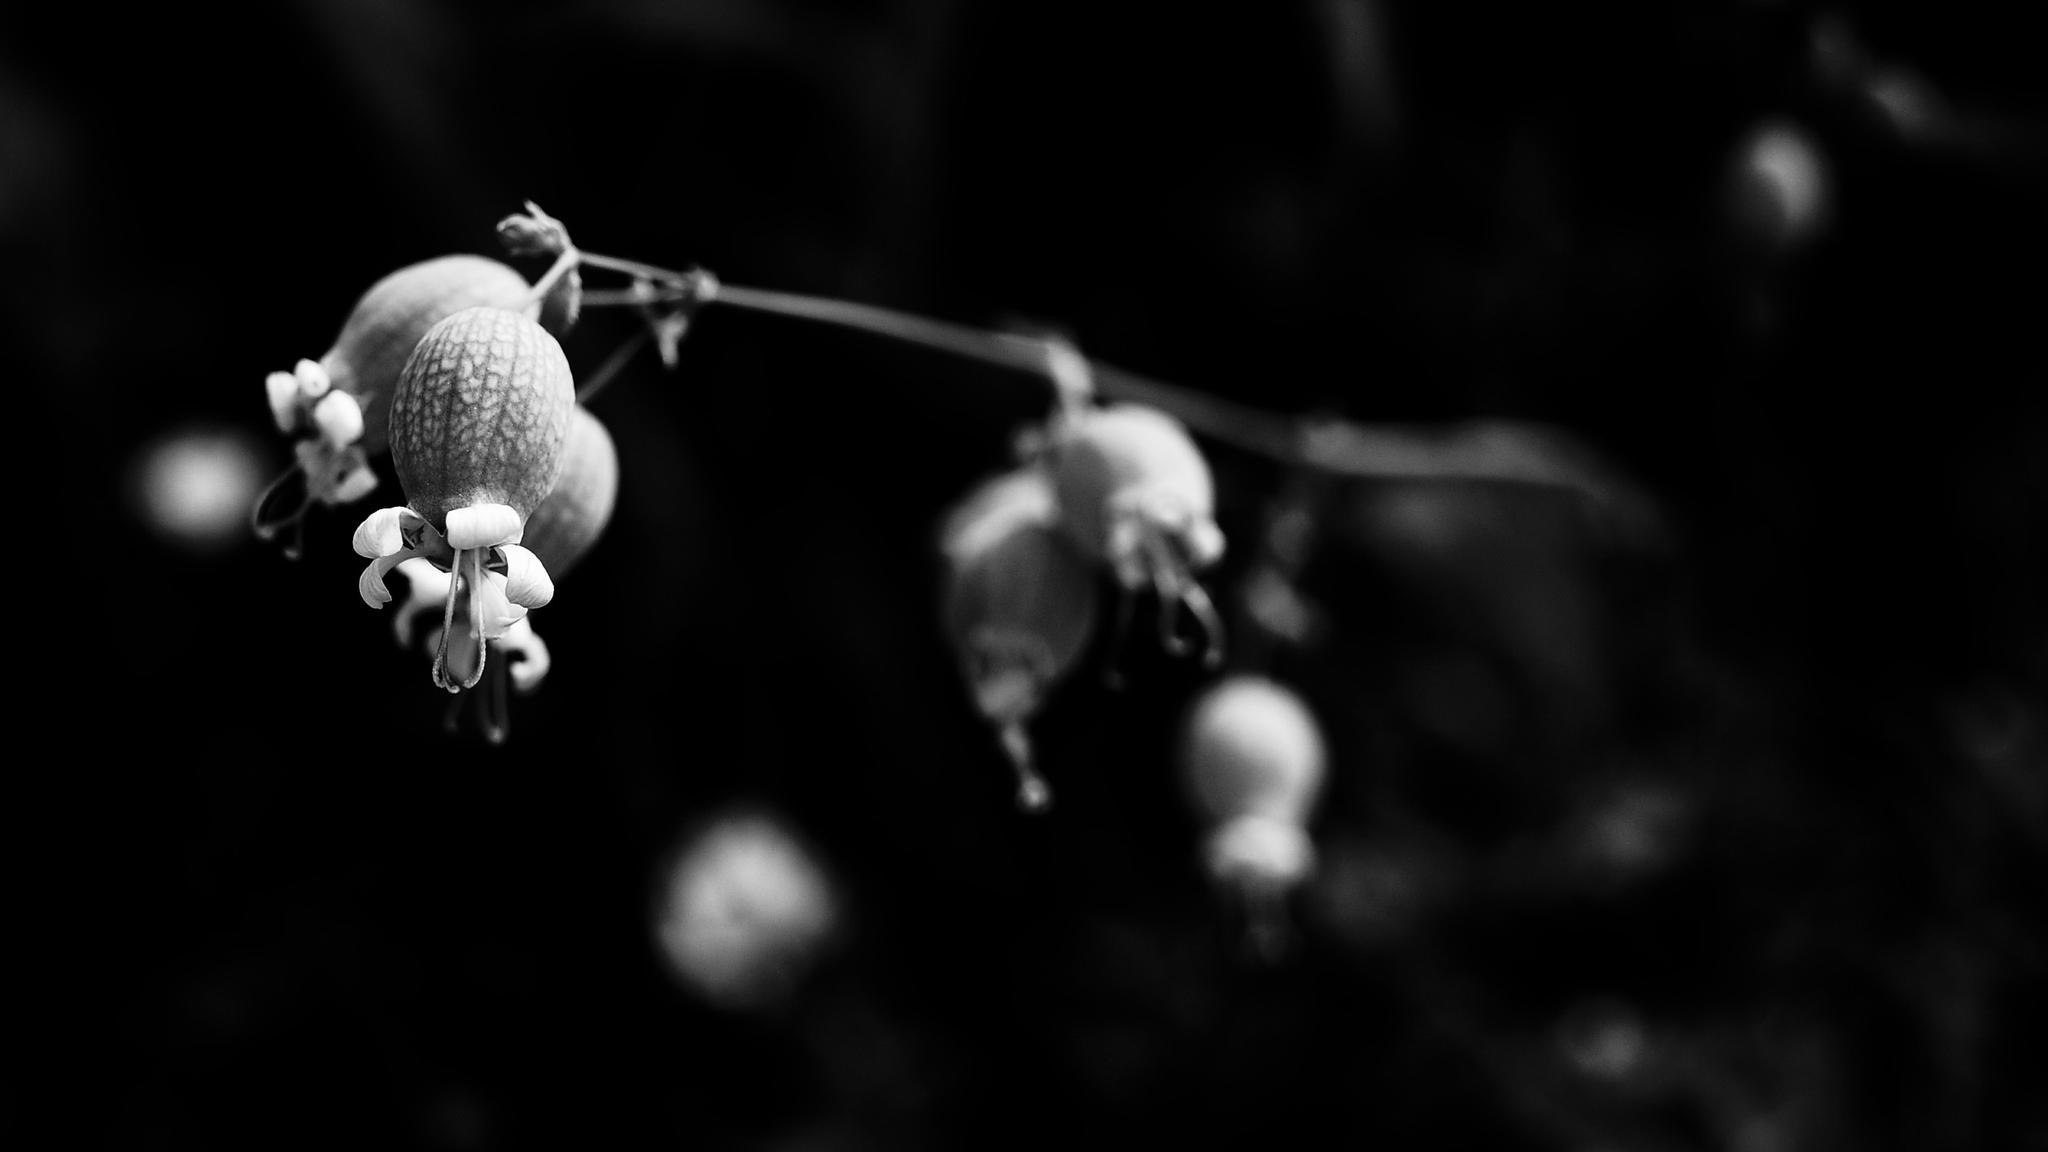 Black And White Flower Photography Black Amp White Flower 2